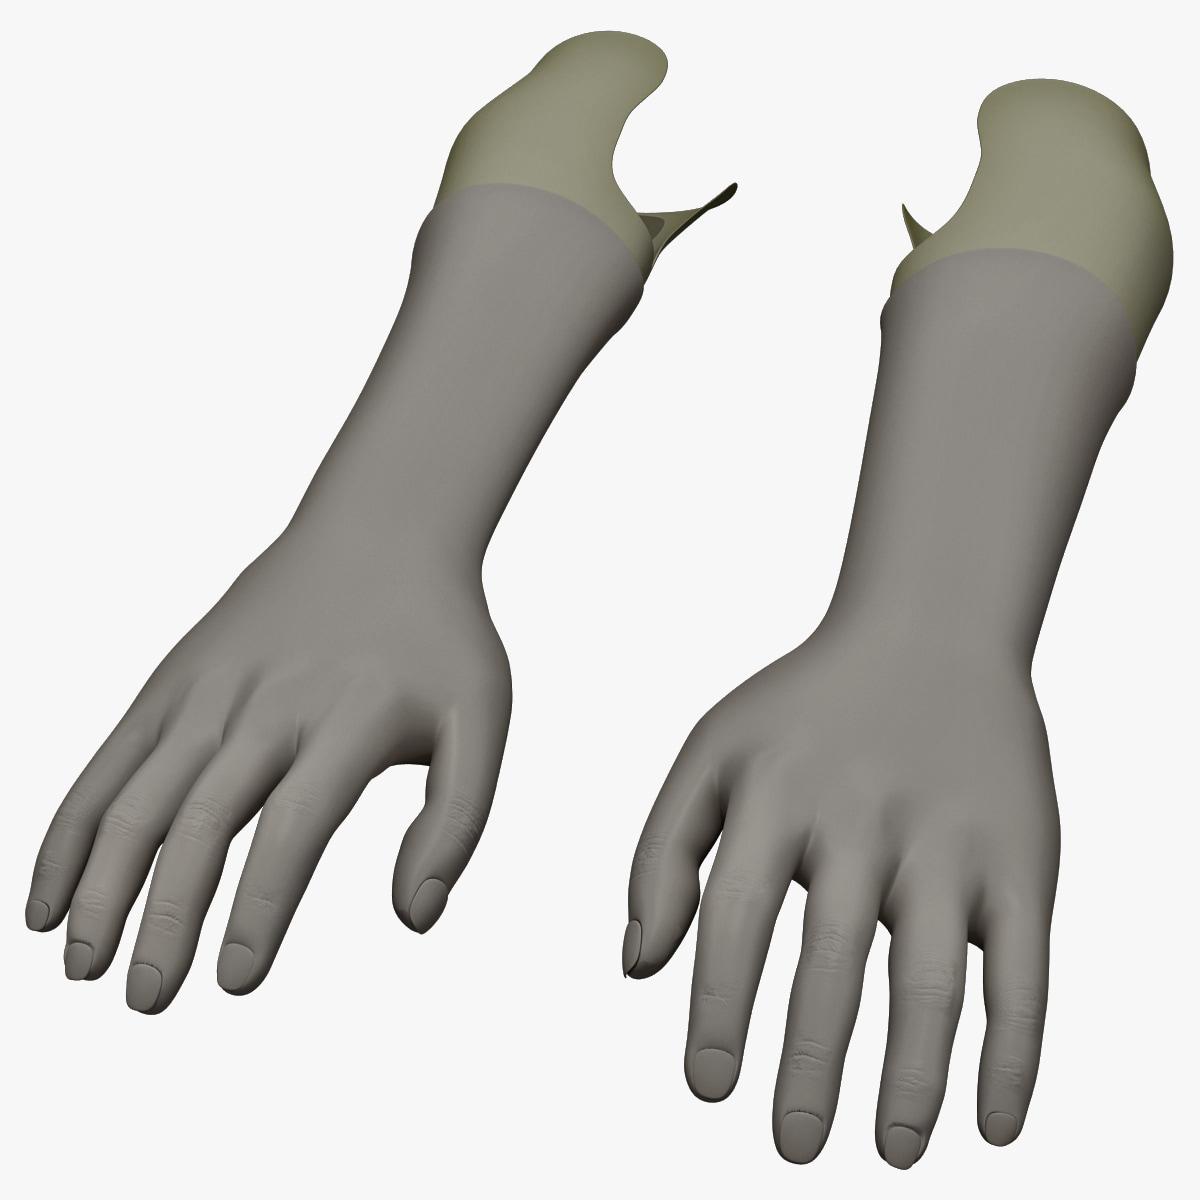 Prosthetic_Hands_000.jpg